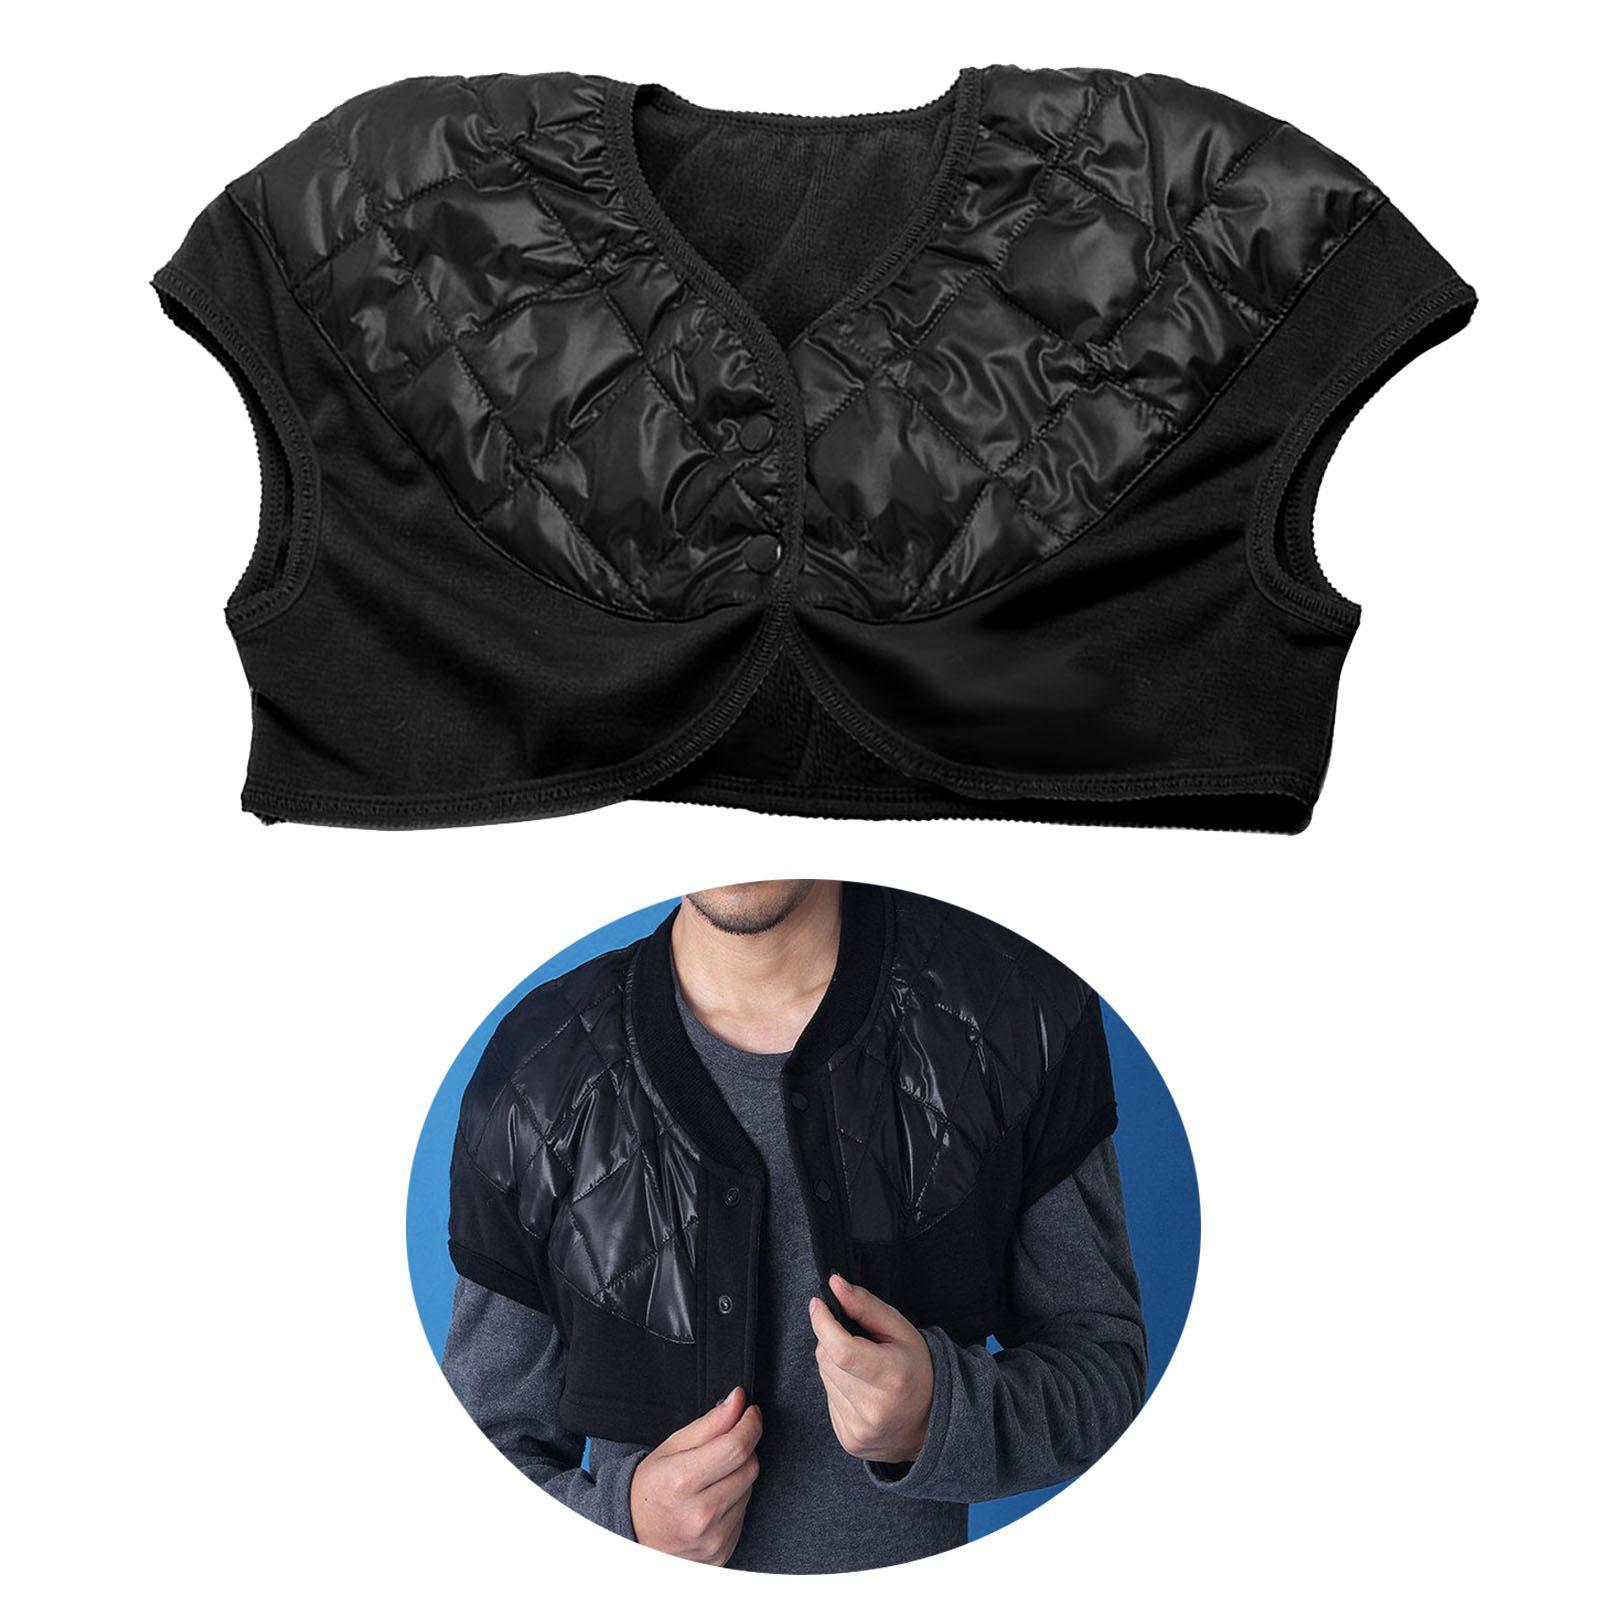 Femmes-Hommes-Down-Jacket-Chaud-Manteau-Court-Epaule-Chaud-Thermique-Wrap miniatura 67